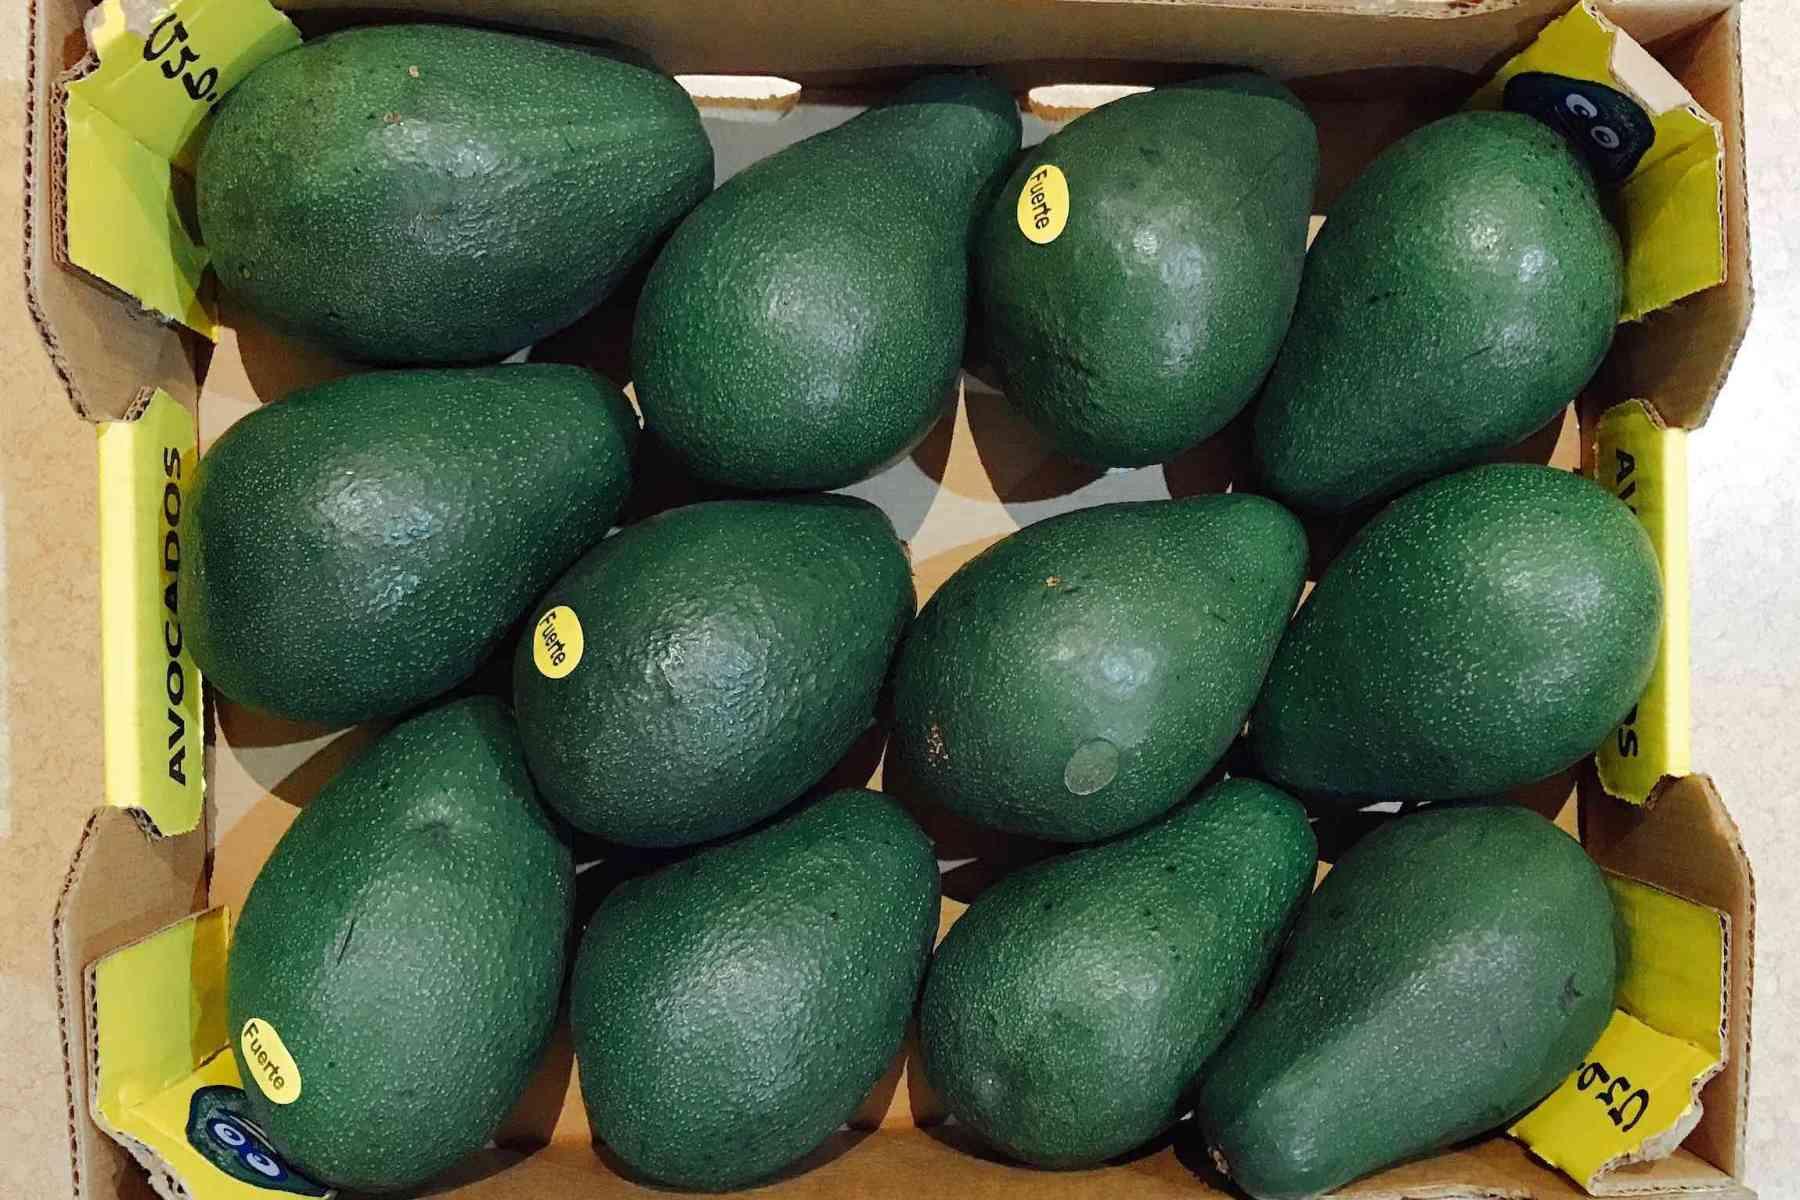 A box of Fuerte Avocados